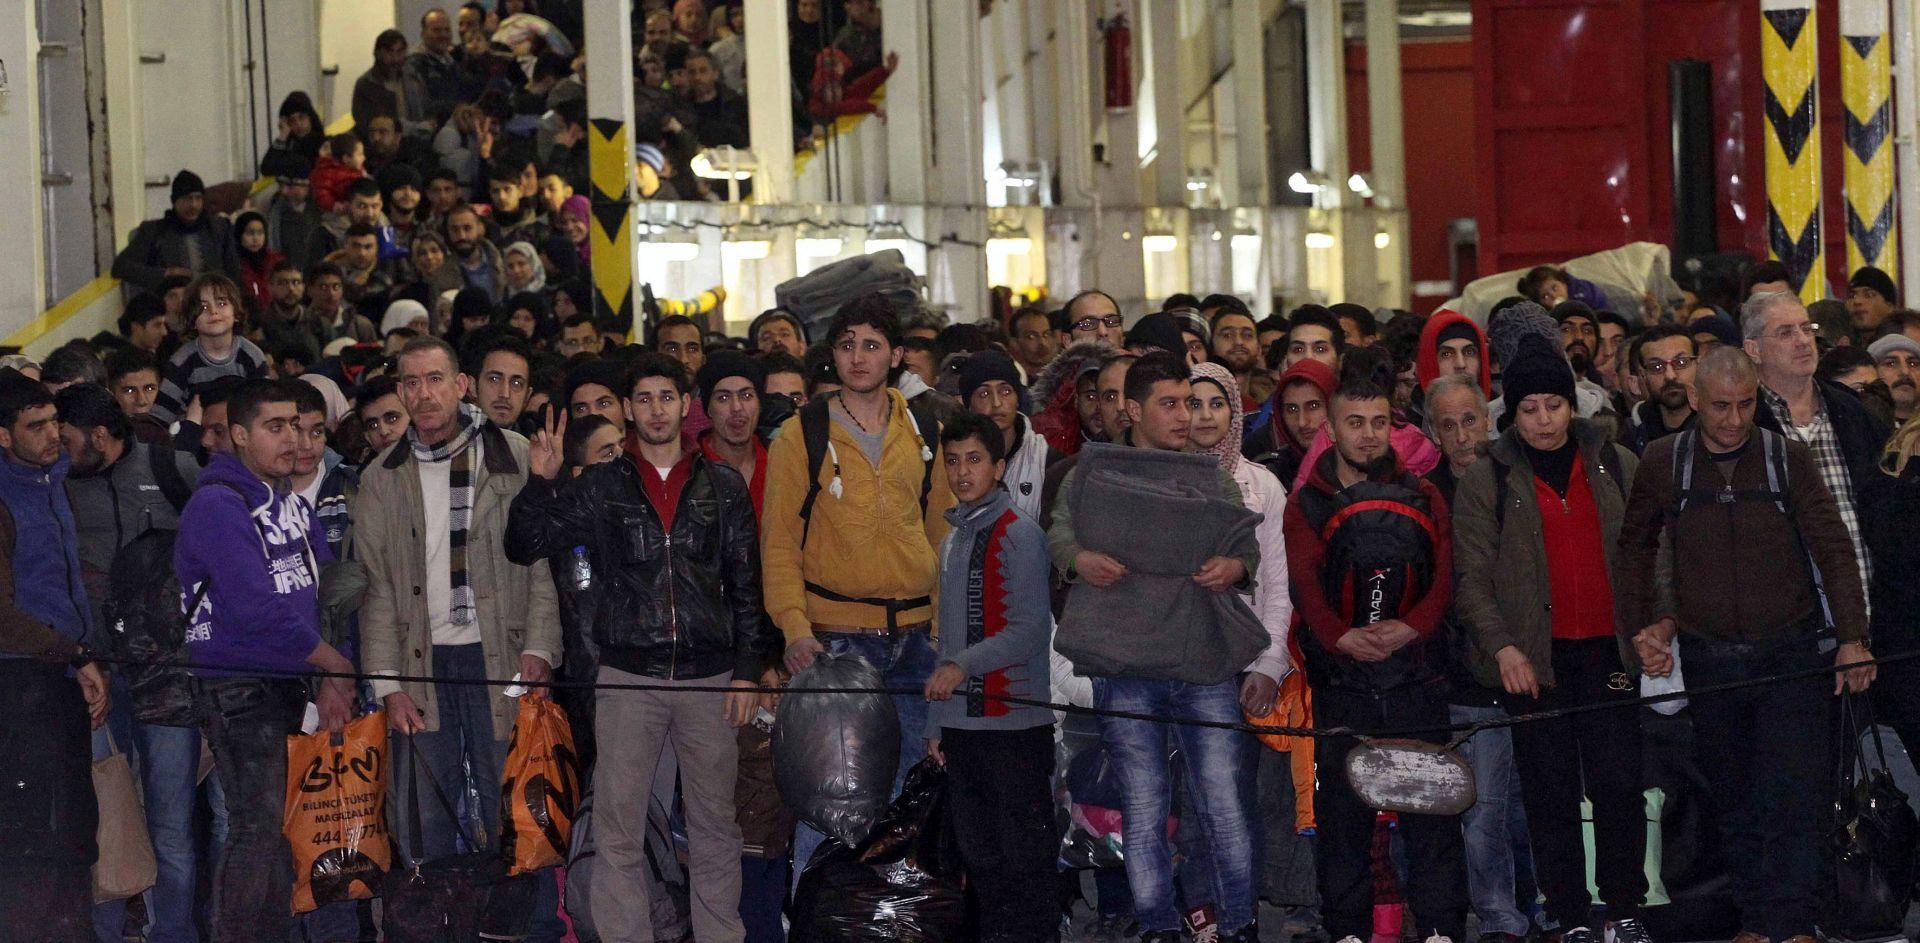 MINISTAR MIGRACIJSKE POLITIKE U ožujku bi u Grčkoj moglo biti blokirano 70 tisuća osoba